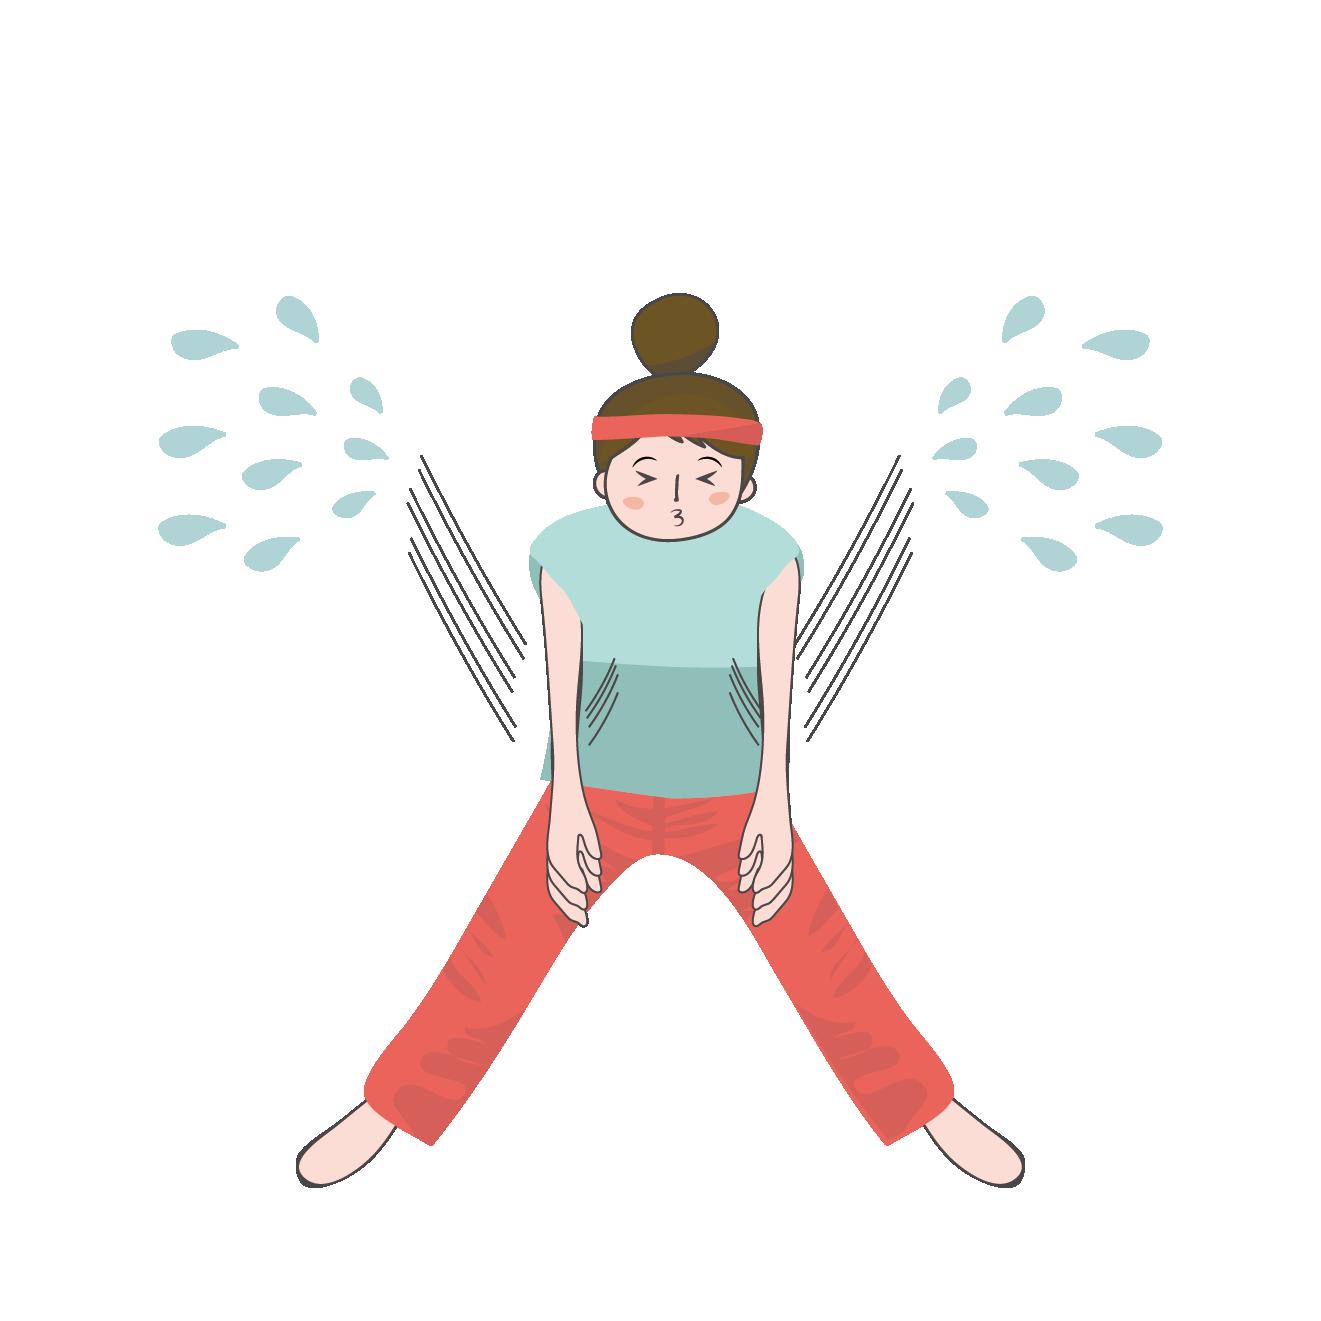 前屈運動をしている女性のイラスト 商用フリー無料のイラスト素材